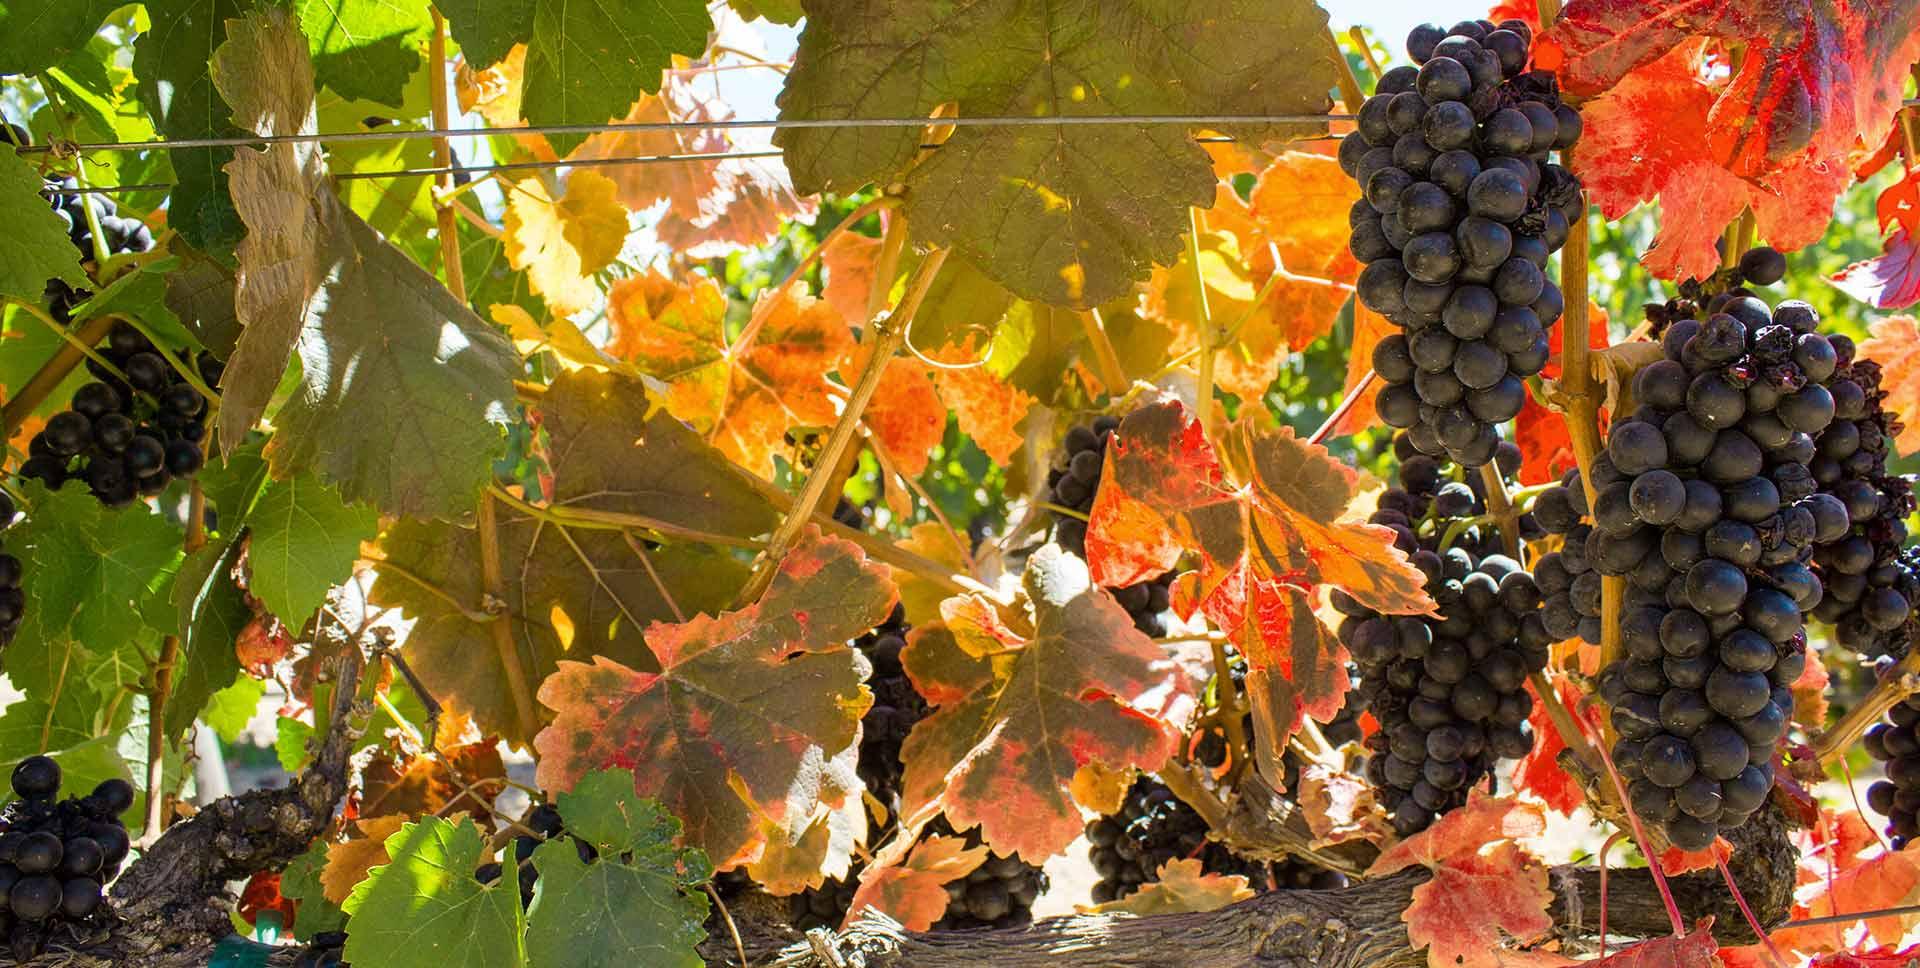 """Résultat de recherche d'images pour """"wine grapes"""""""""""